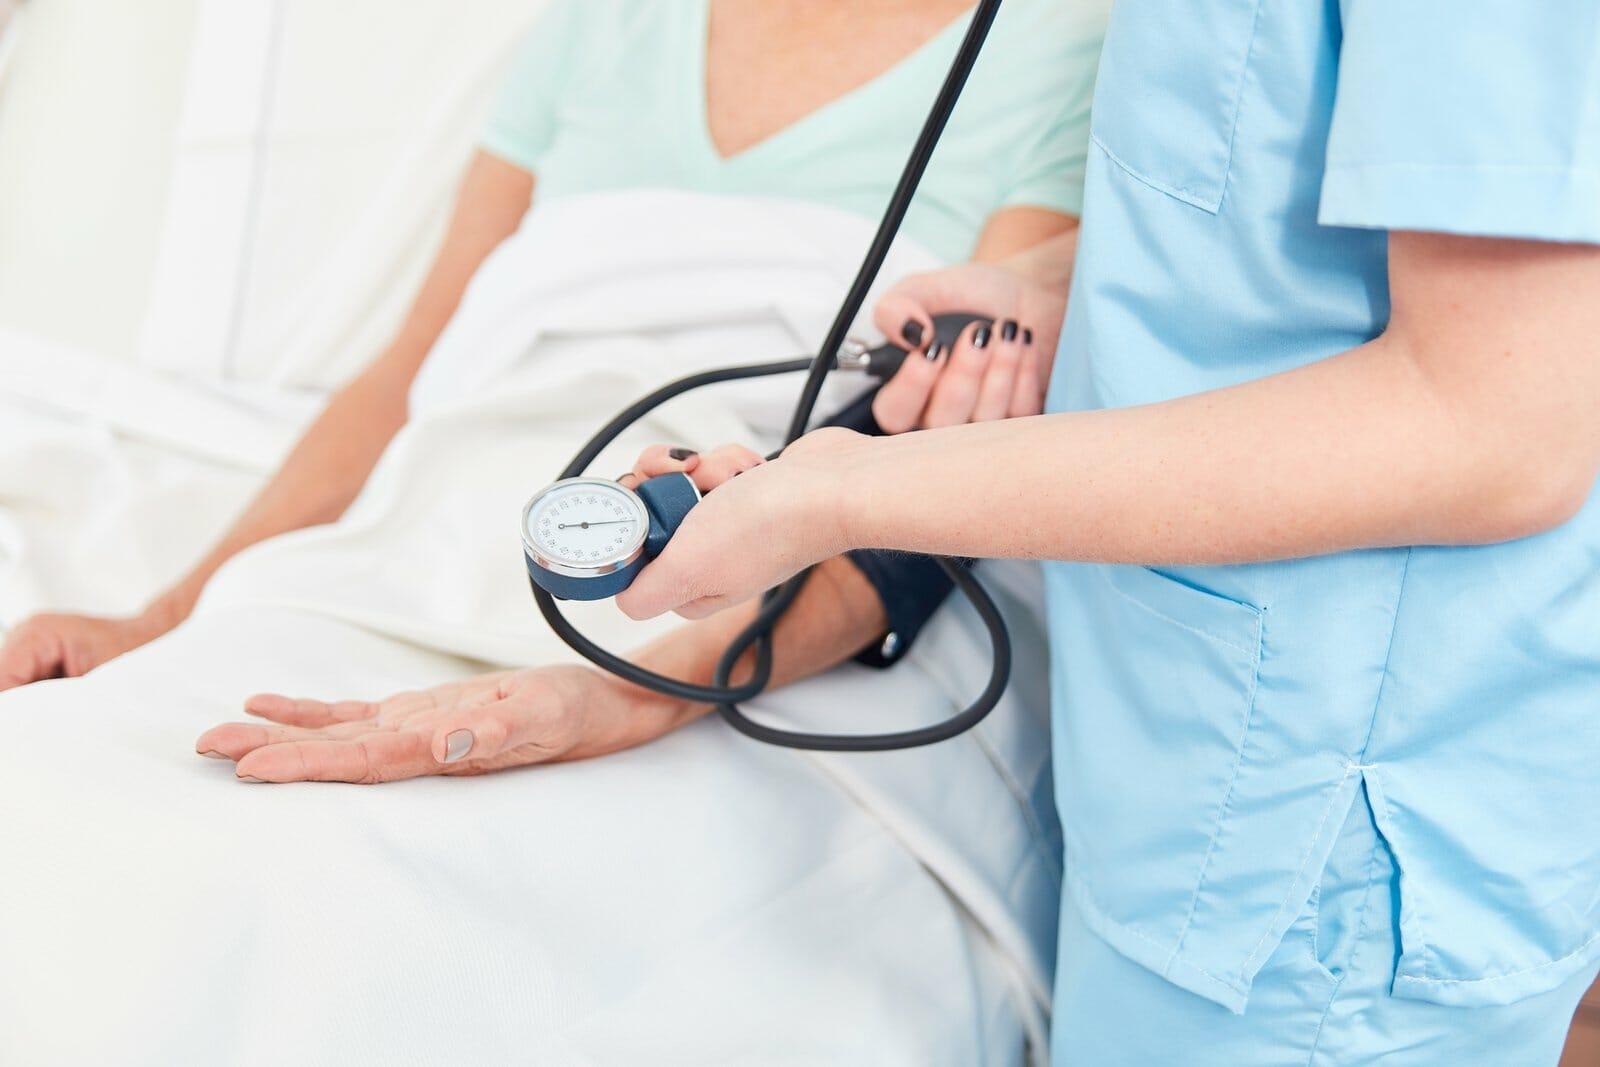 """רשלנות רפואית בבית חולים / מוסד רפואי I עו""""ד נעמי קויפמן ניב I רשלנות רפואית"""